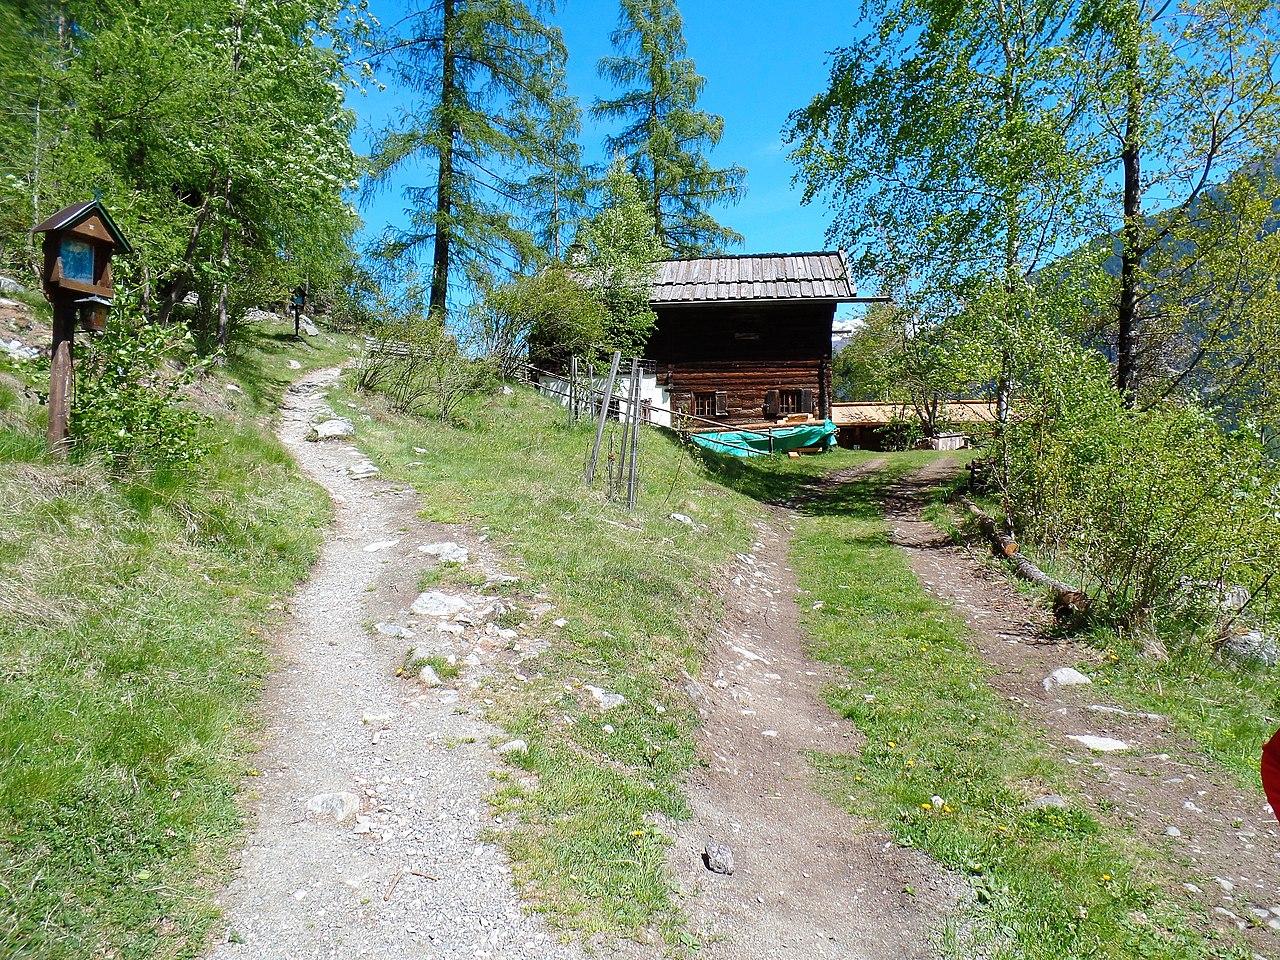 Klettersteig Lehner Wasserfall : Datei:klettersteig lehner wasserfall panoramio 2 .jpg u2013 wikipedia